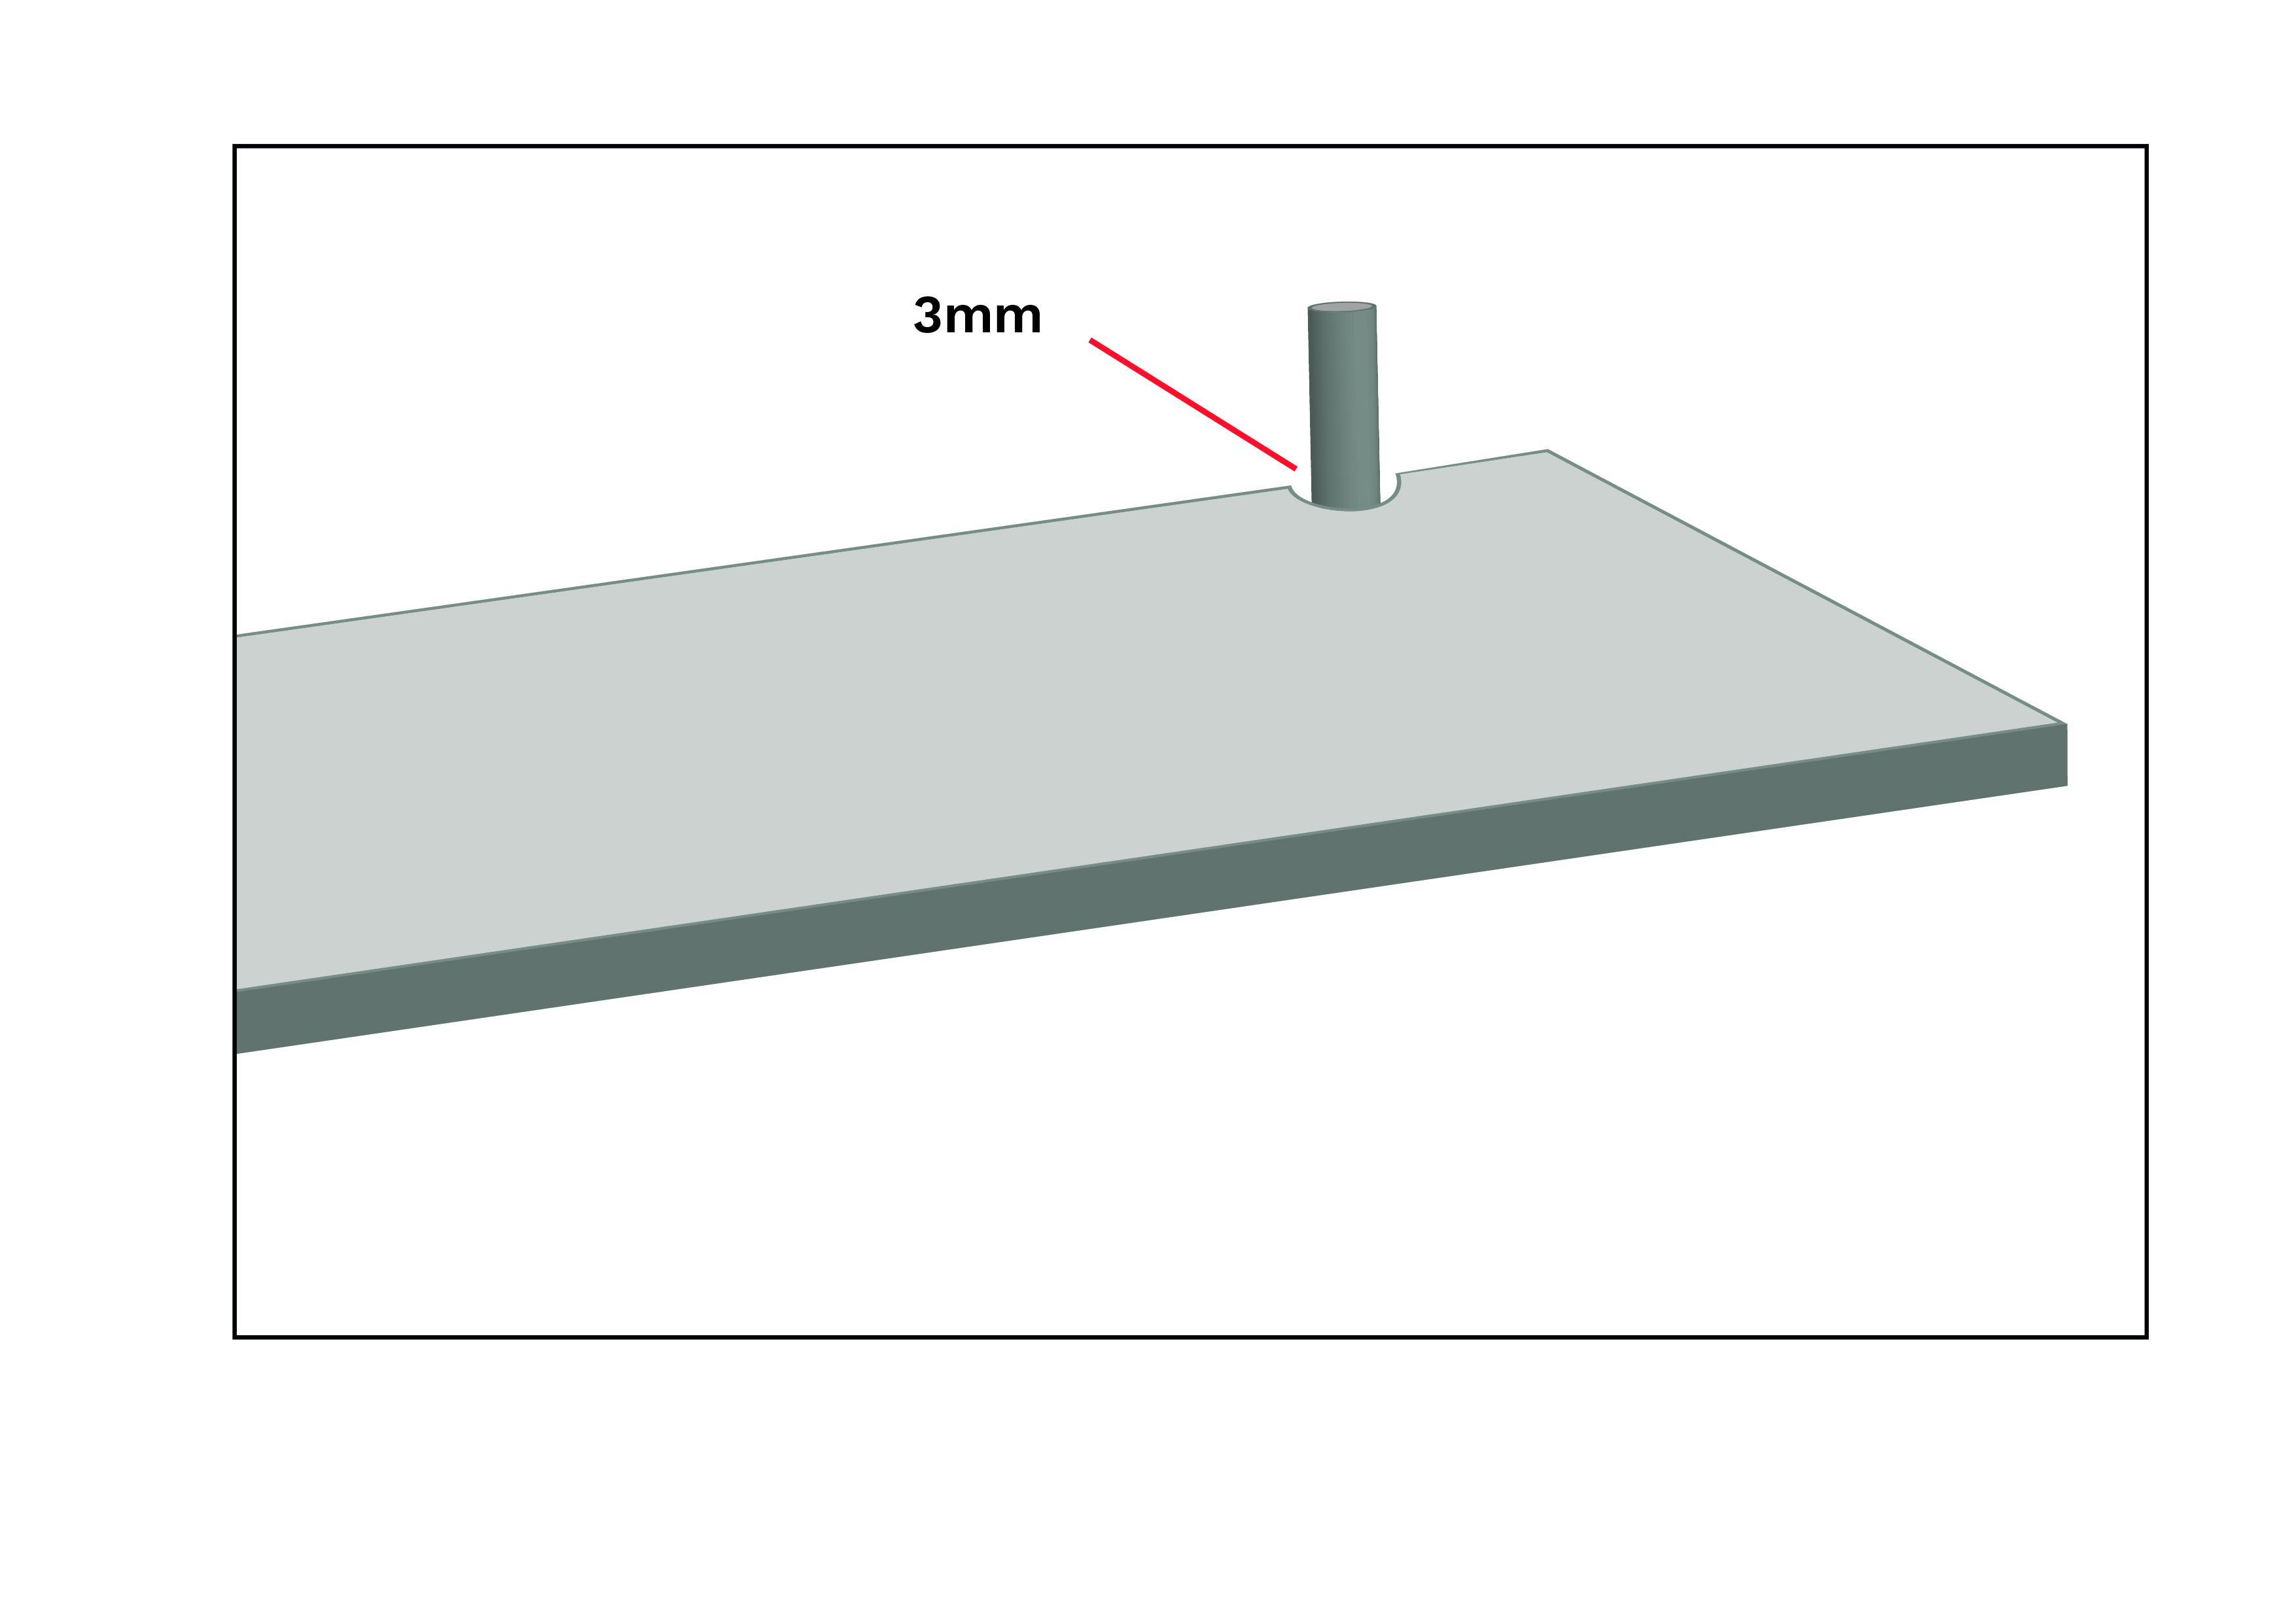 Um sicherzustellen, dass sich die Oberfläche ausdehnen und zusammenziehen kann, sollte um die Rohrlöcher herum ein Abstand von mindestens 3mm eingeplant werden.